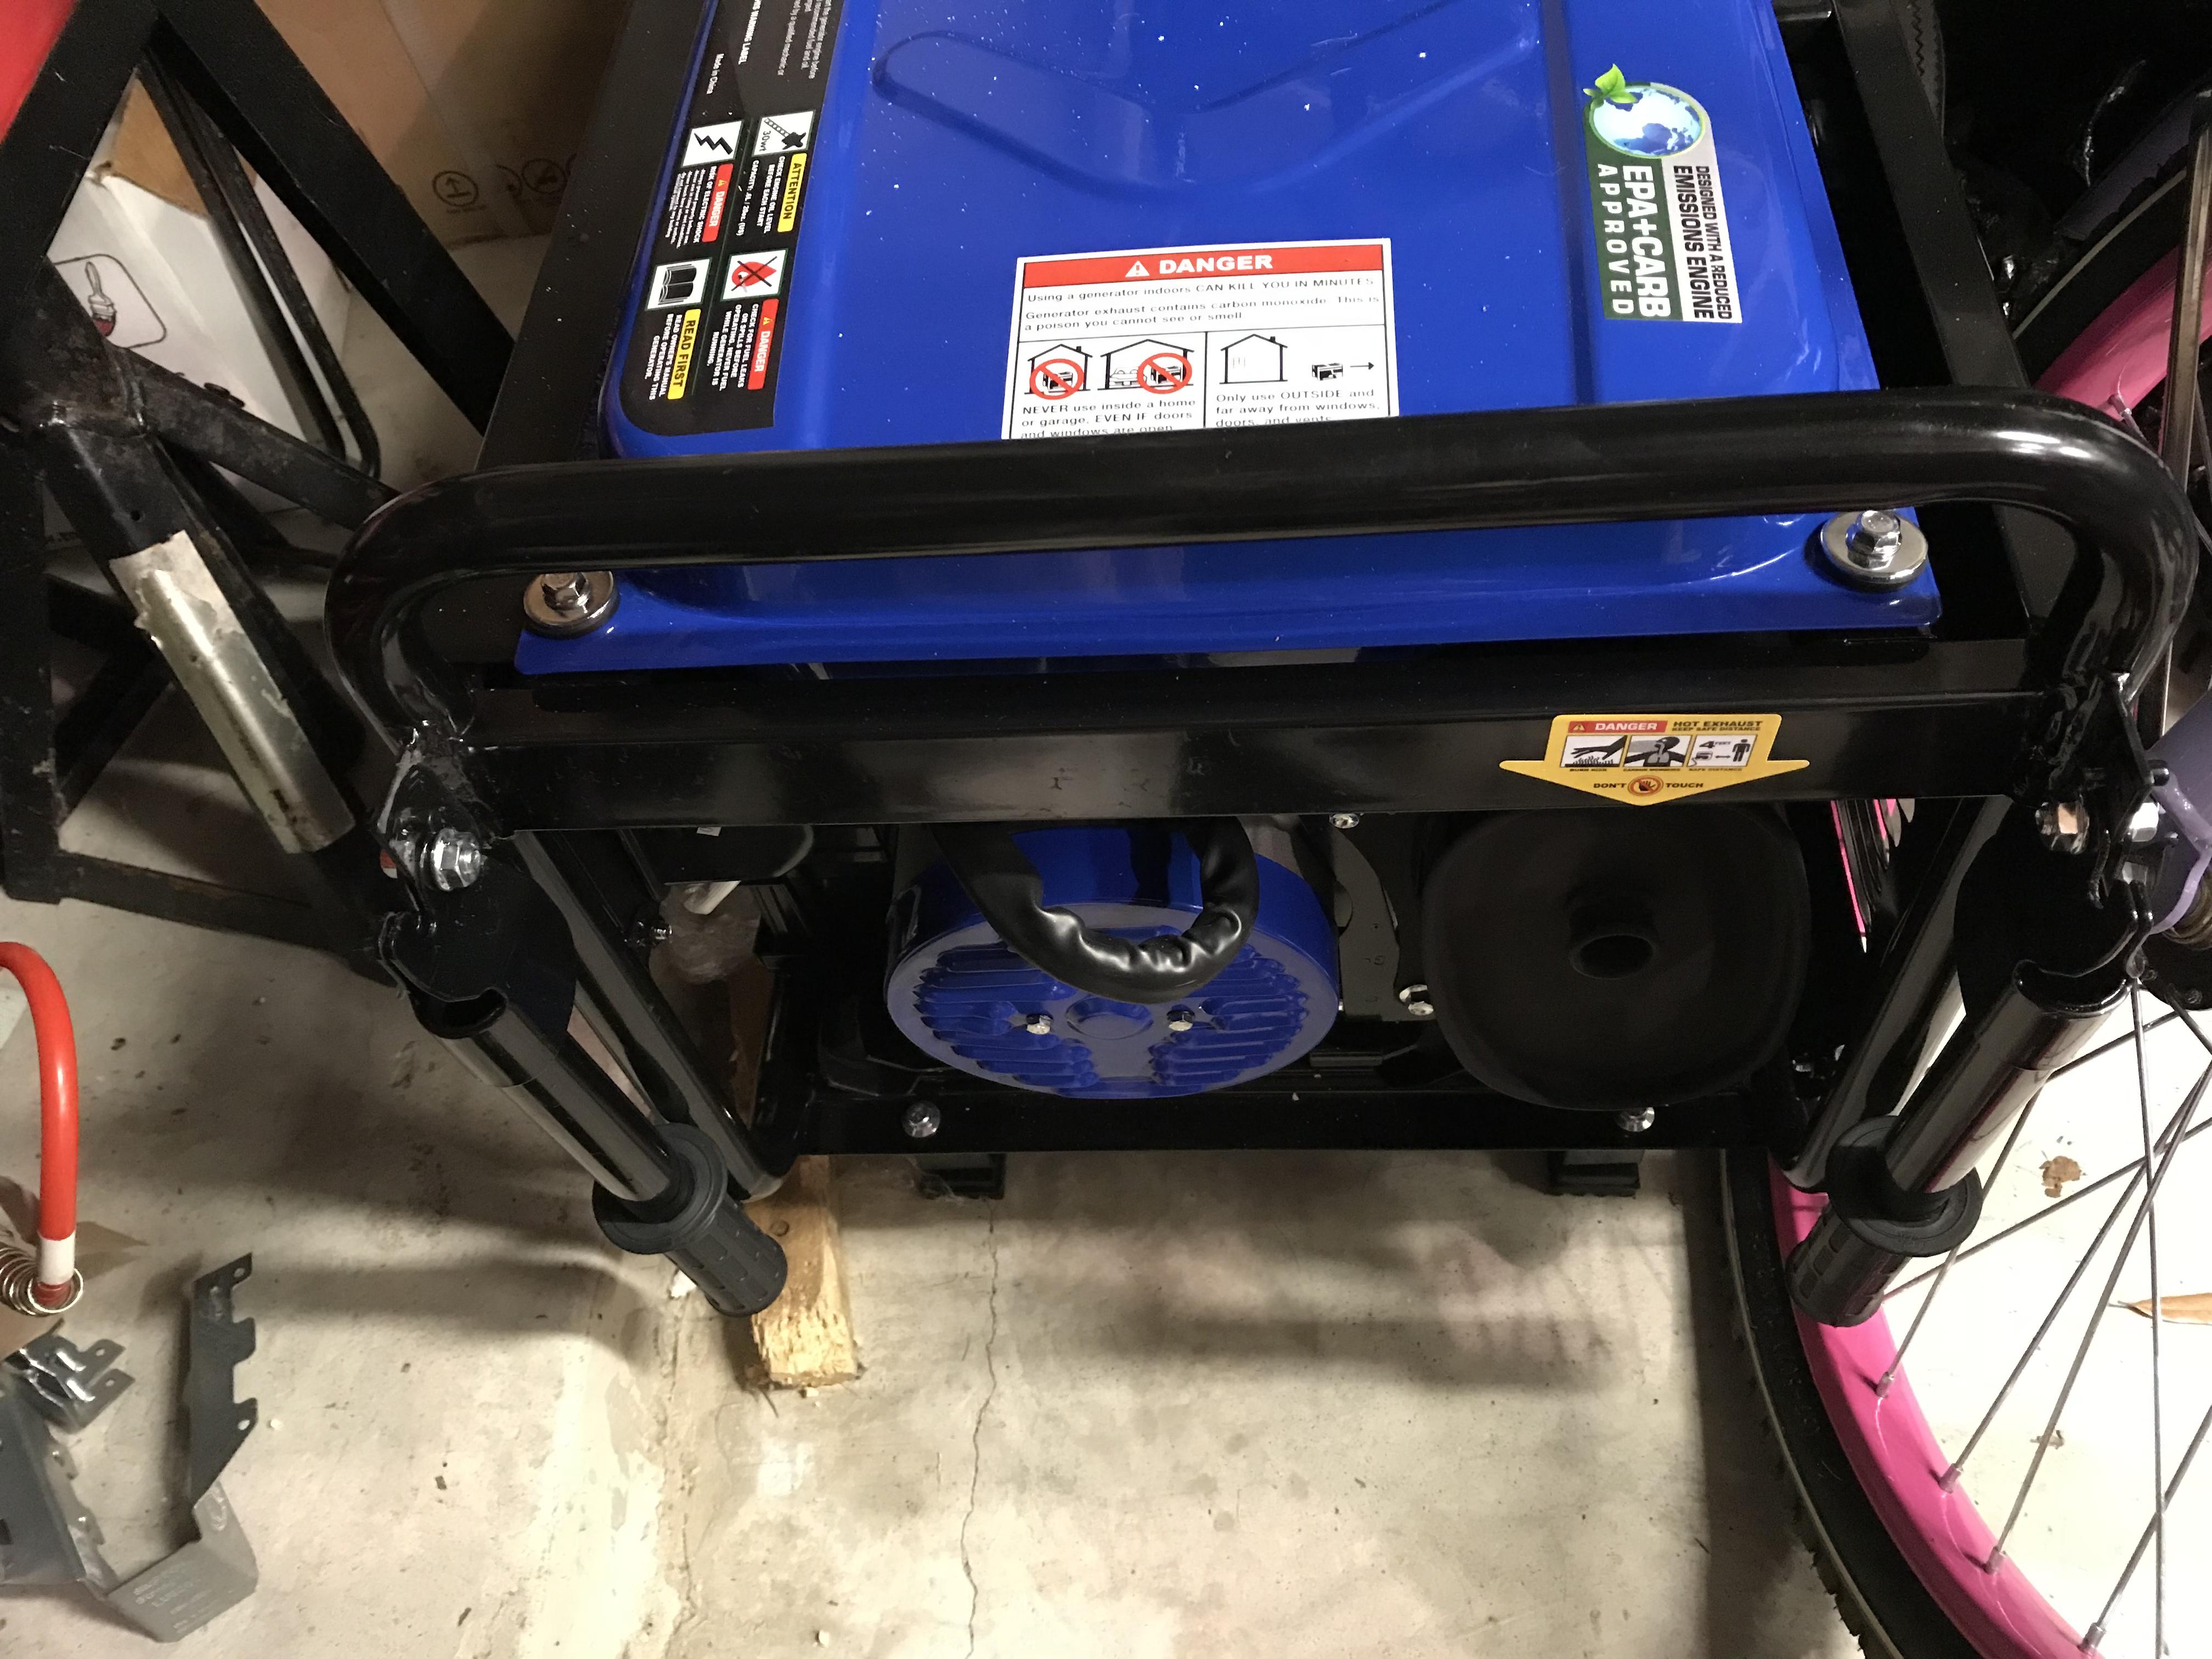 Generator help-0acabf3e-24fb-41d4-af84-5682641345e3.jpeg